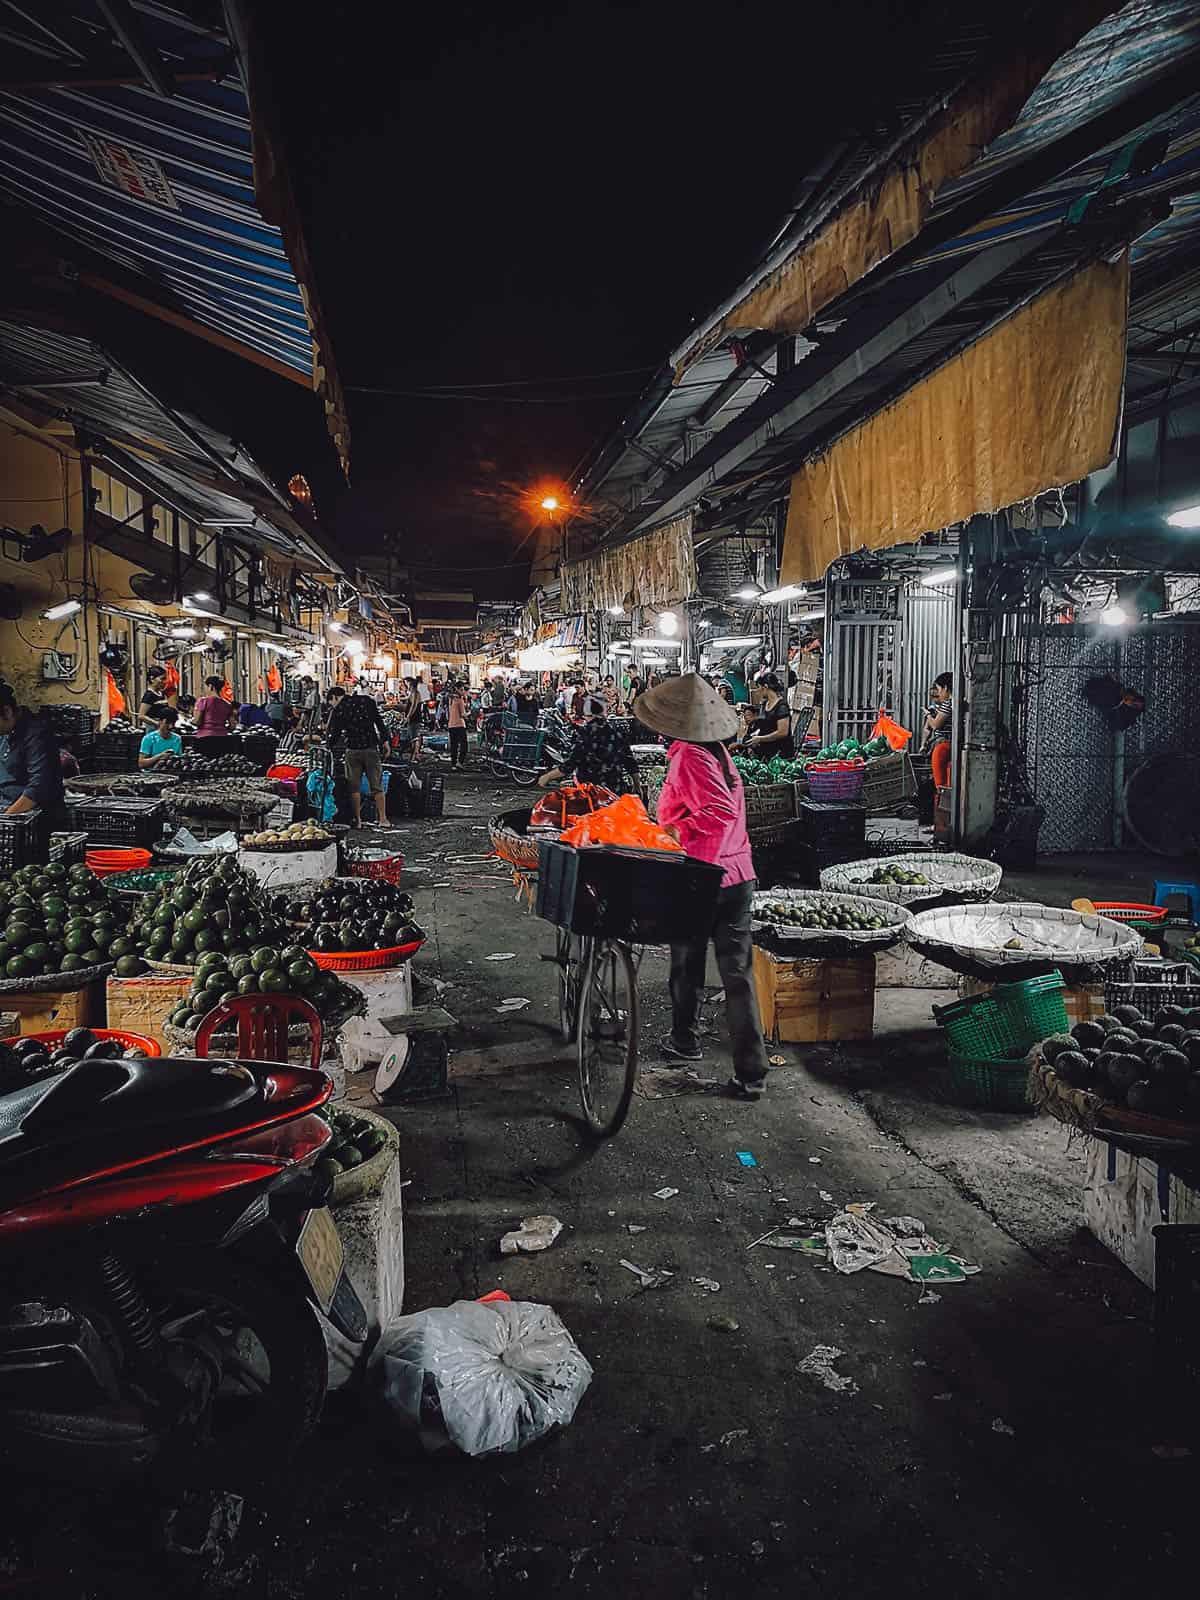 Hanoi Food Tour: Explore Hanoi's Best Markets with A Chef's Tour